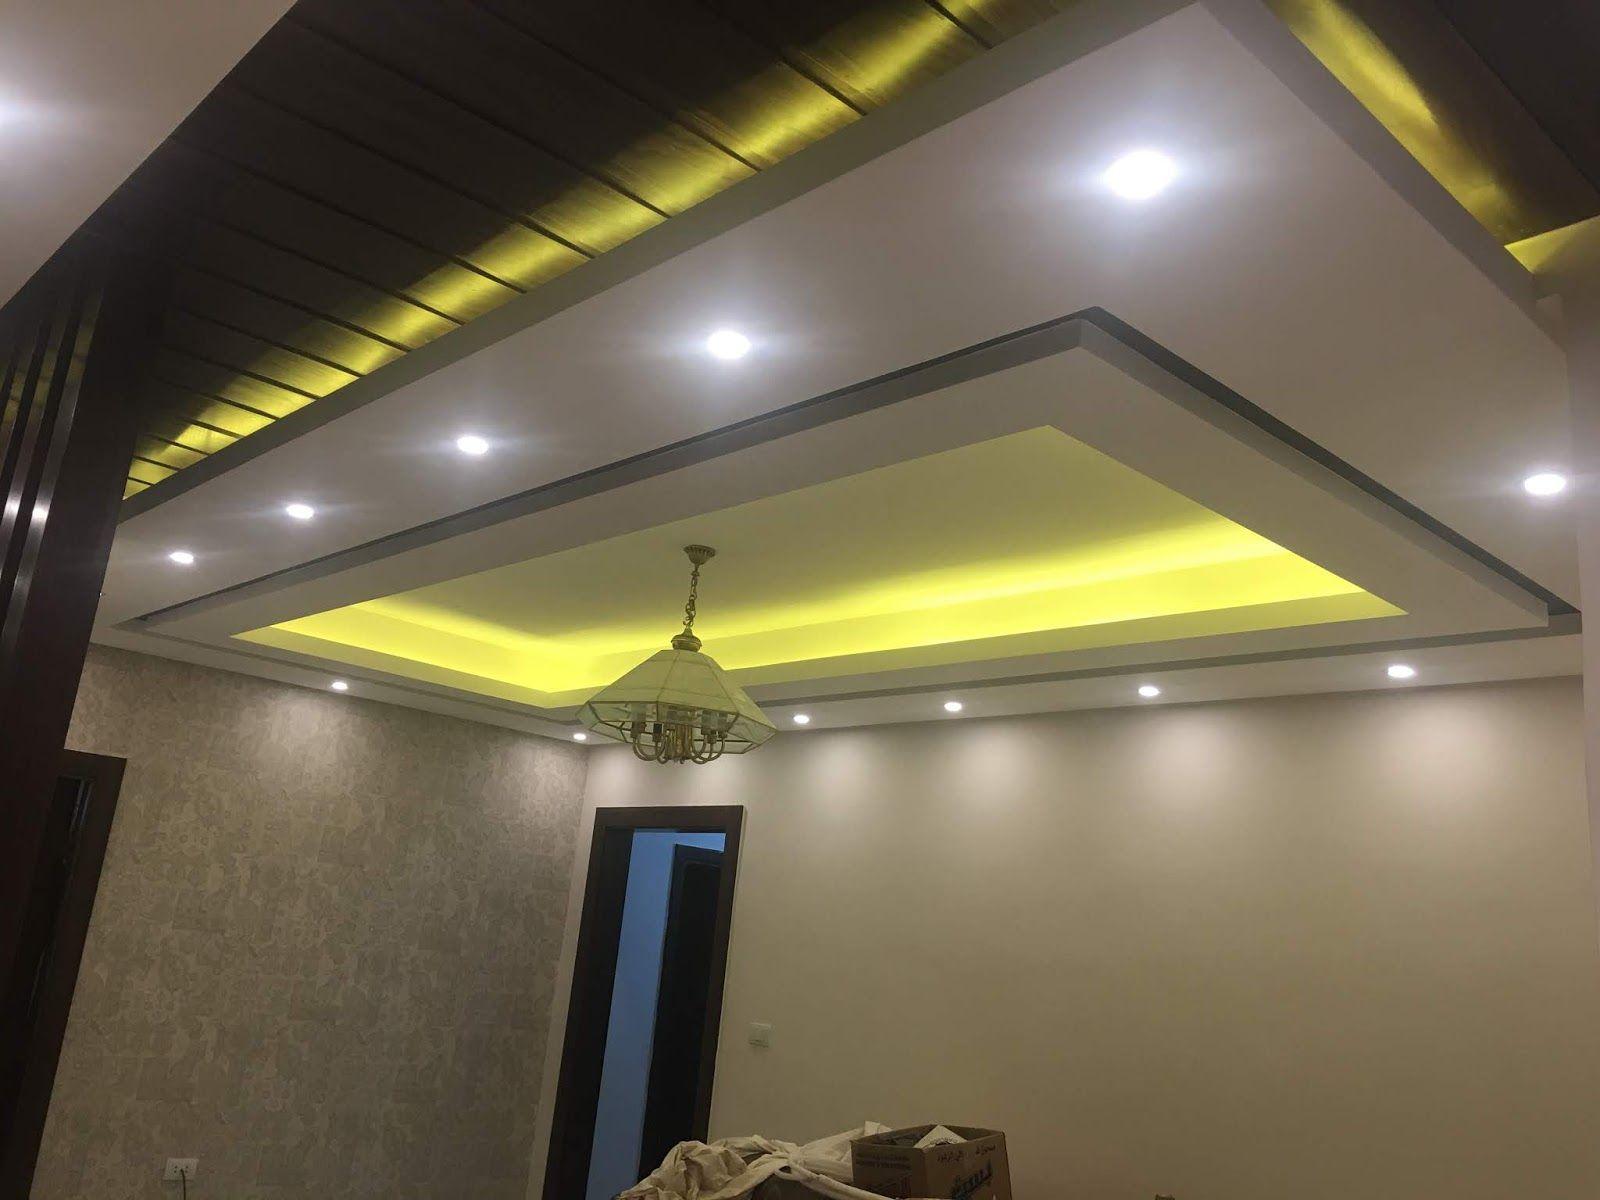 صور ديكورات جبسم بورد 2018 Gypsum Decoration Interior Design Gypsum Decoration Decor Interior Design Design